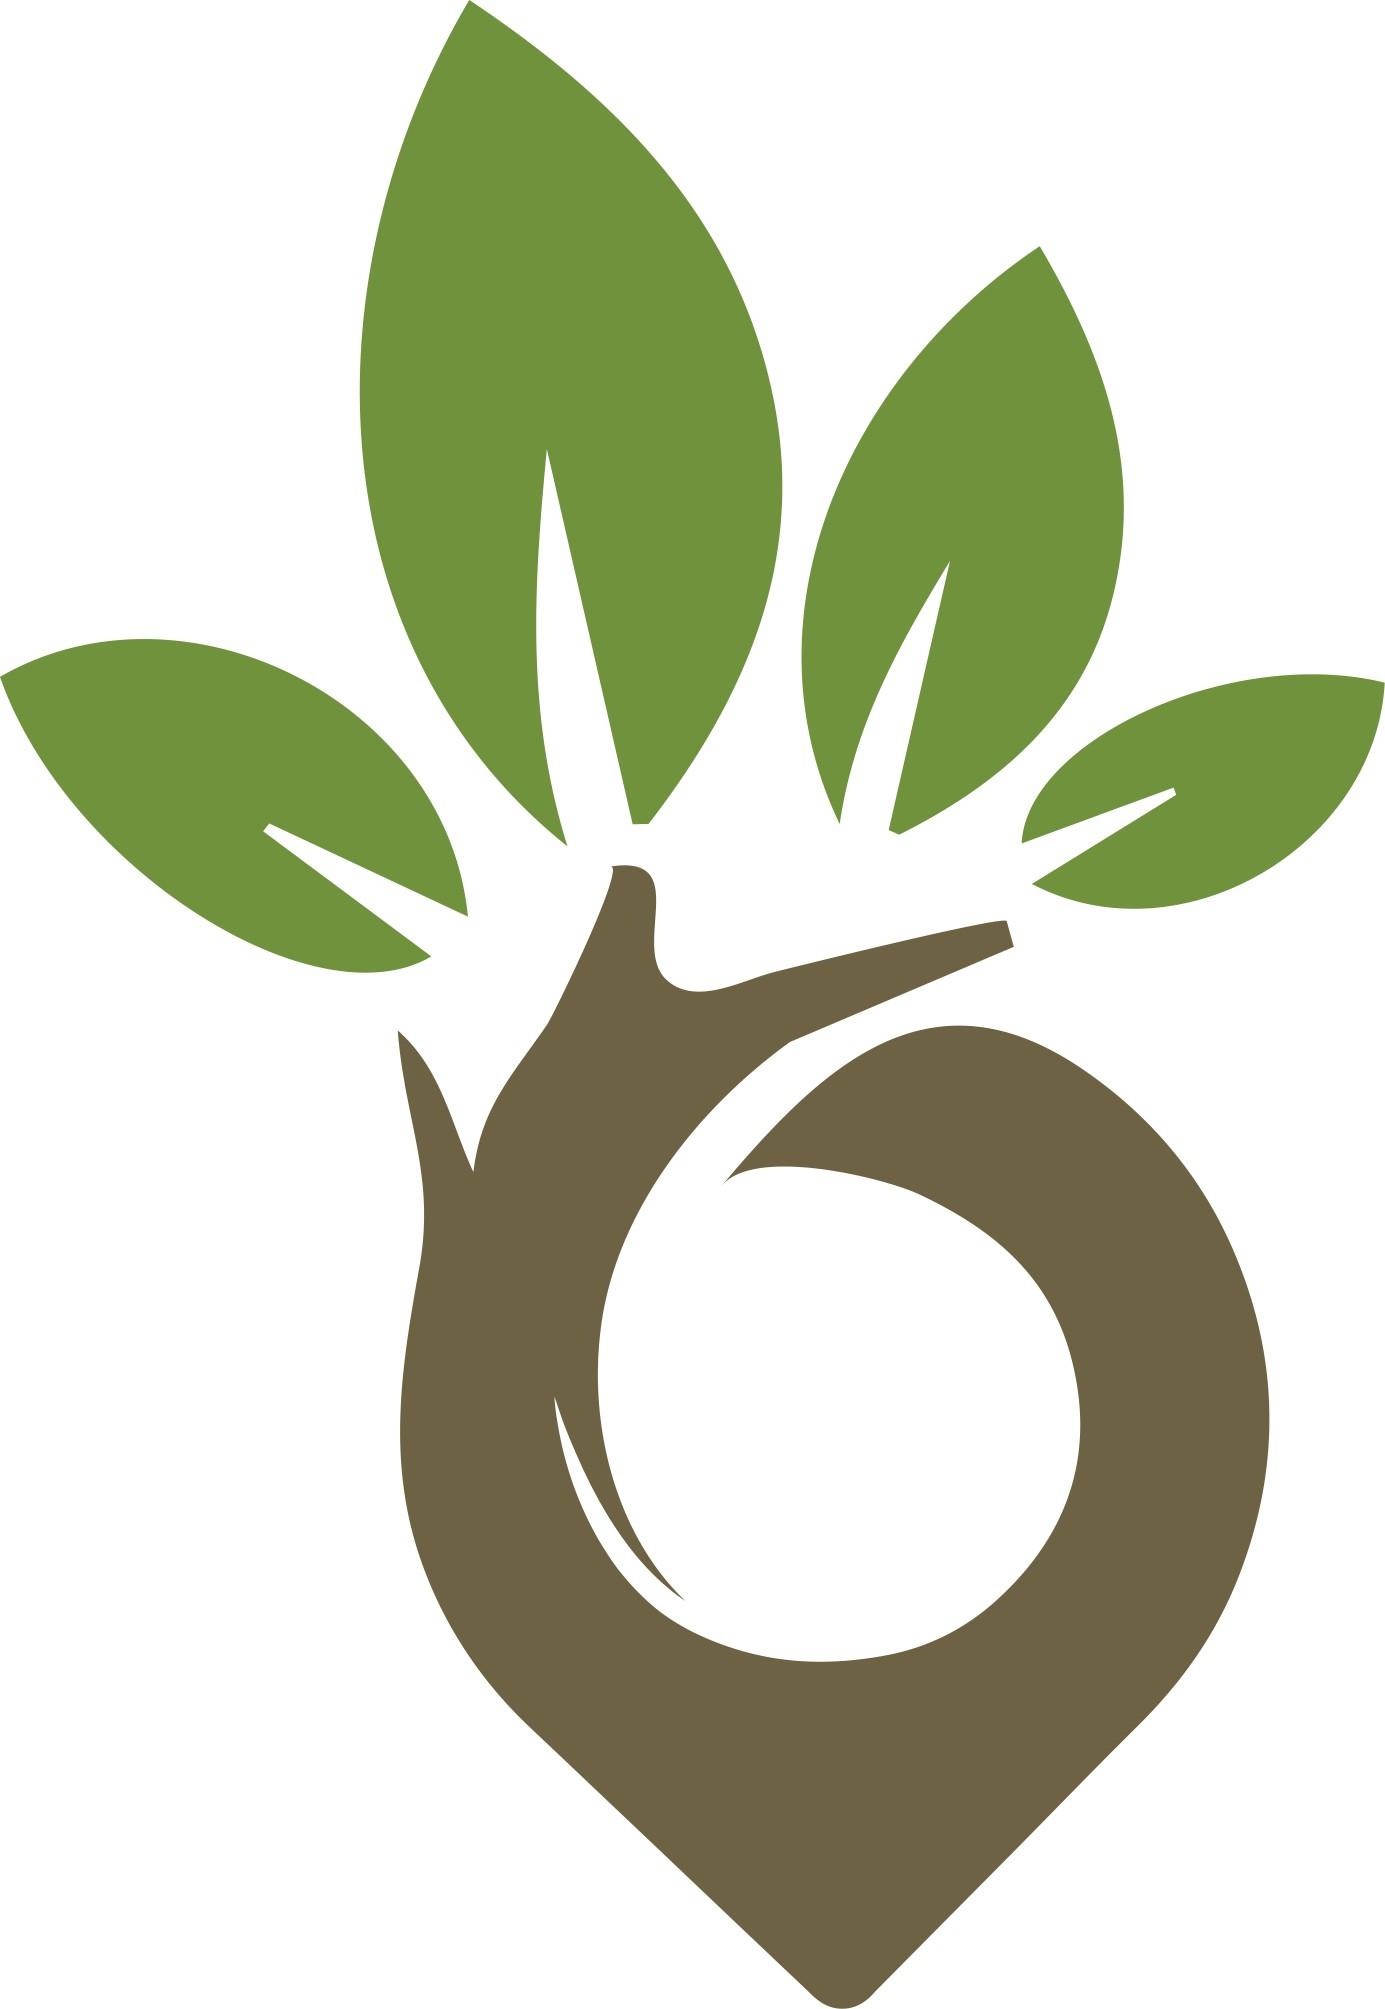 Un logo végétal et impactant pour Arbomap